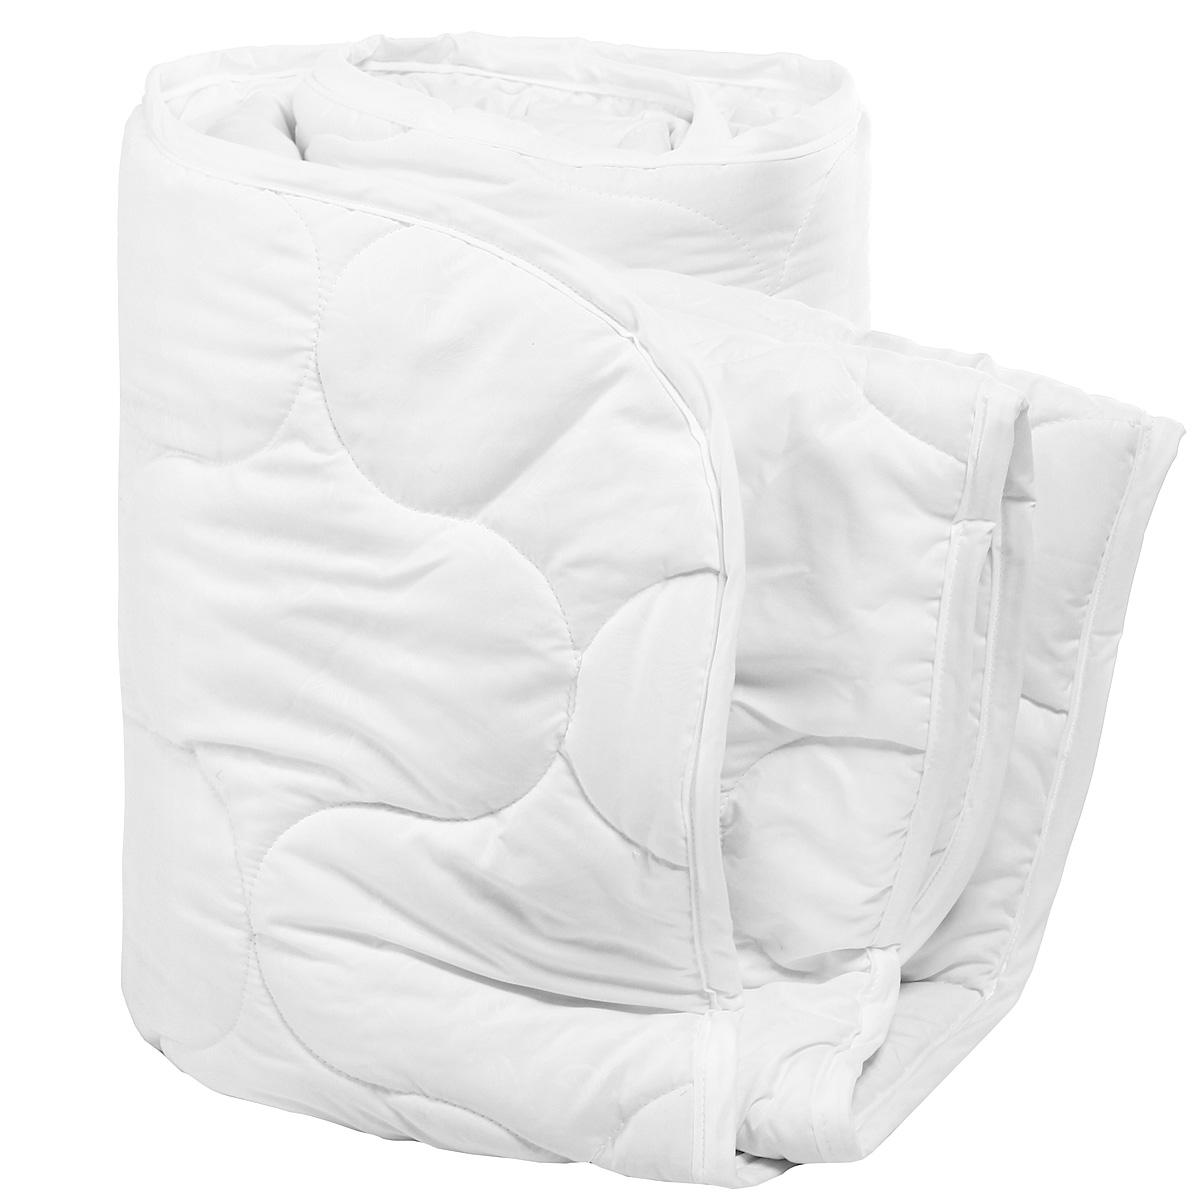 Одеяло Verossa Green Line, наполнитель: бамбуковое волокно, 172 см х 205 см165990При изготовлении одеяла Verossa Green Line применяется ткань нового поколения из микрофиламентных нитей Ultratex. Одеяло не требует специального ухода, быстро сохнет после стирки и практически не мнется.Наполнитель из натуральных бамбуковых волокон. Пористая структура бамбукового волокна обеспечивает отличные условия для циркуляции воздуха и впитывания влаги.Преимущества одеяла Verossa Green Line: идеальный комфортный сон; антибактериальная защита; оптимальная терморегуляция. Характеристики:Материал чехла: 100% полиэстер (Ultratex). Наполнитель: 50% бамбуковое волокно, 50% полиэстер. Цвет: белый. Масса наполнителя: 300 г/м2. Размер одеяла: 172 см х 205 см. Размер упаковки:58 см х 15 см х 43 см. Артикул: 165990.